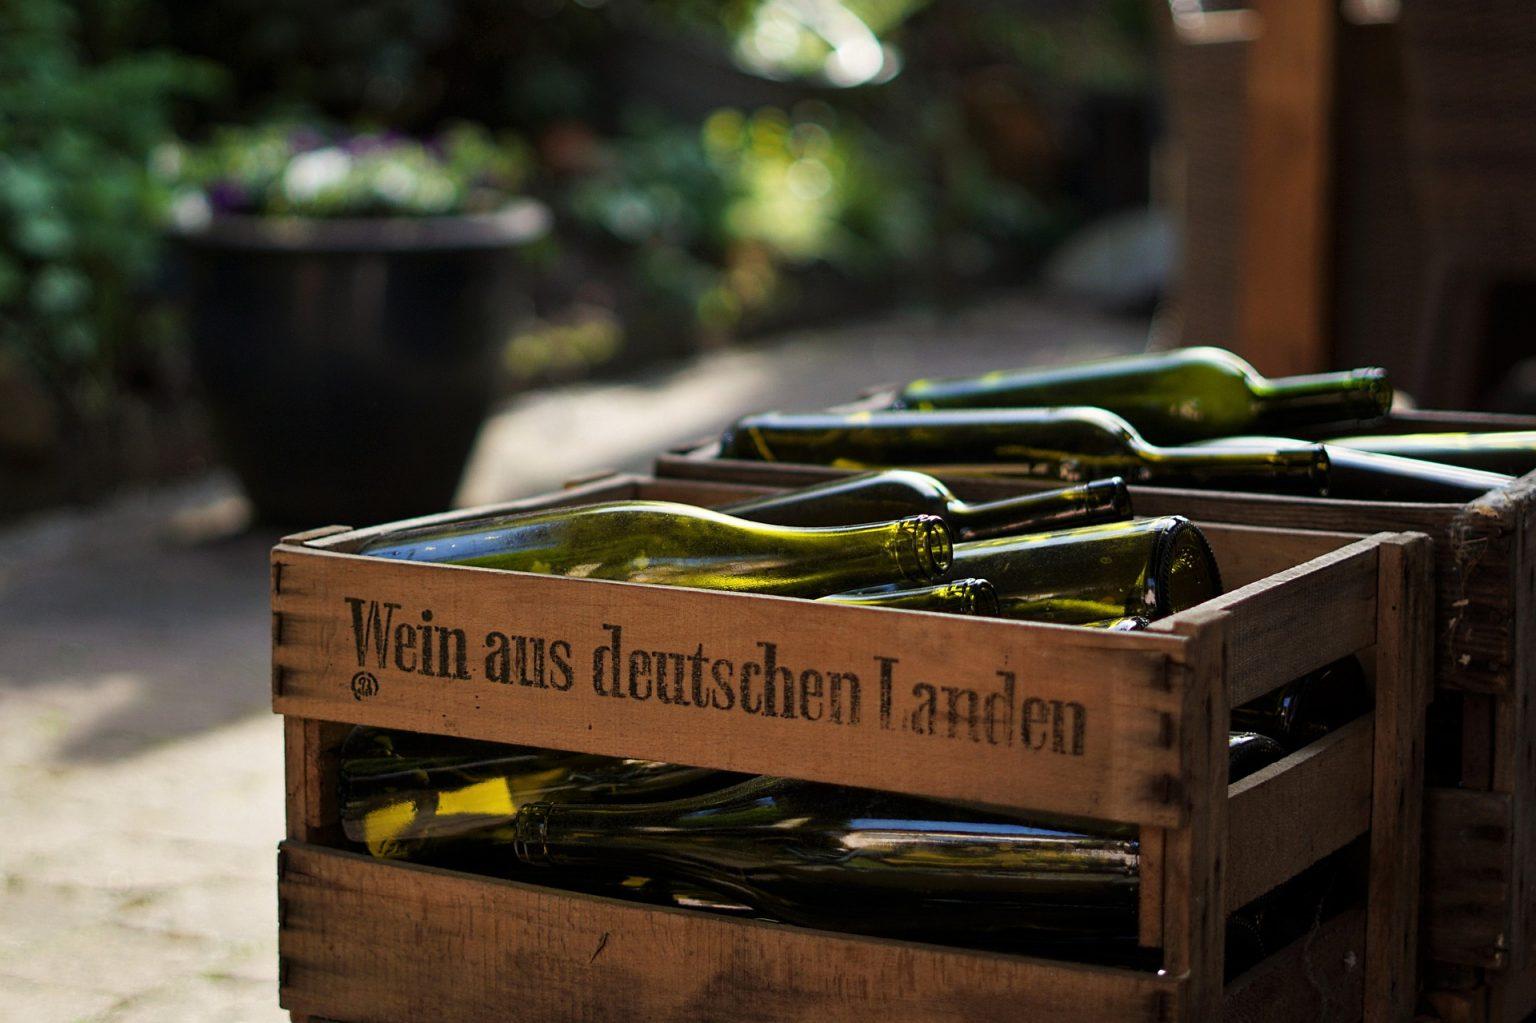 Skrzynki z winami niemieckimi